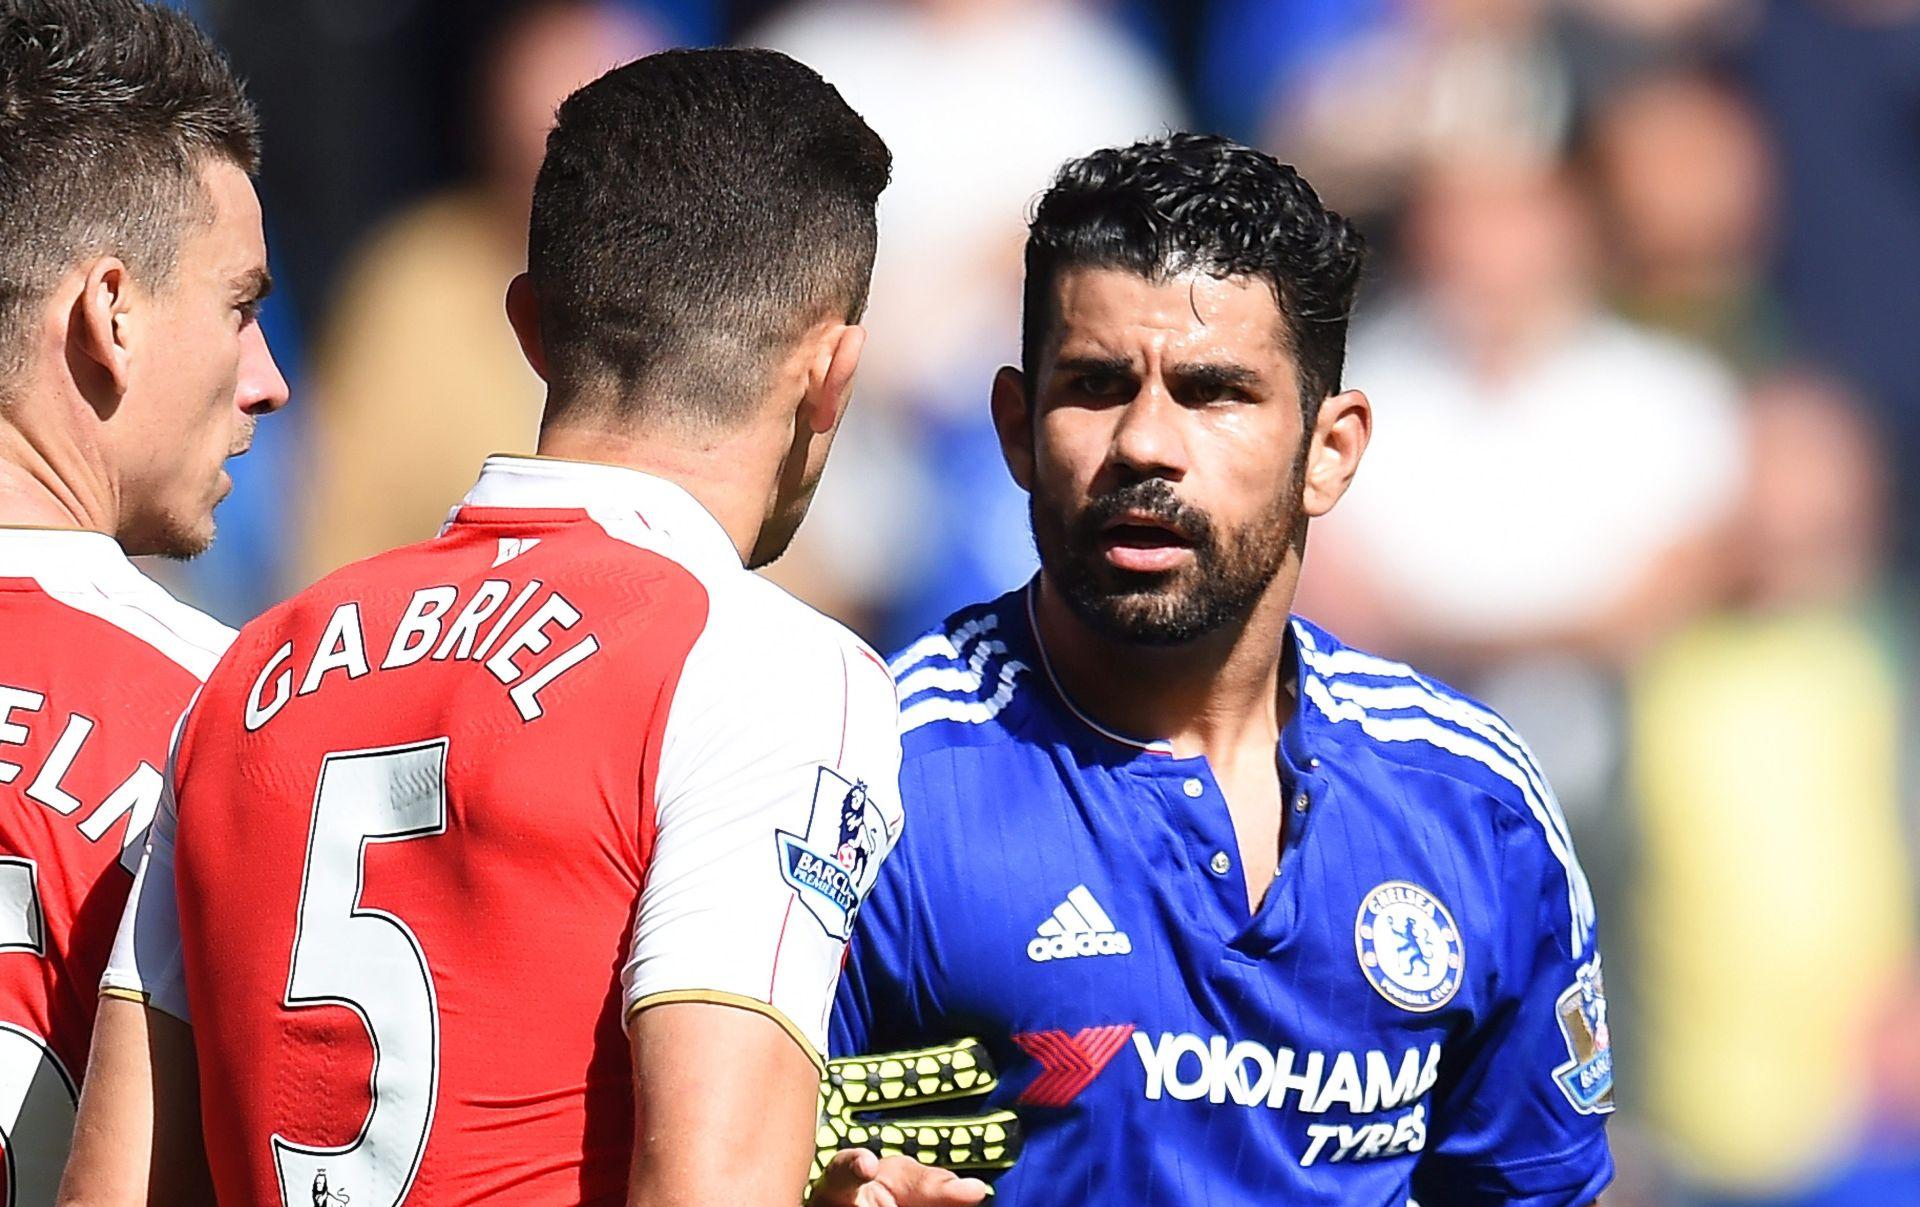 VIDEO: NE VIDI SUDAC ALI… Engleski nogometni savez optužio Costu zbog nasilnog ponašanja